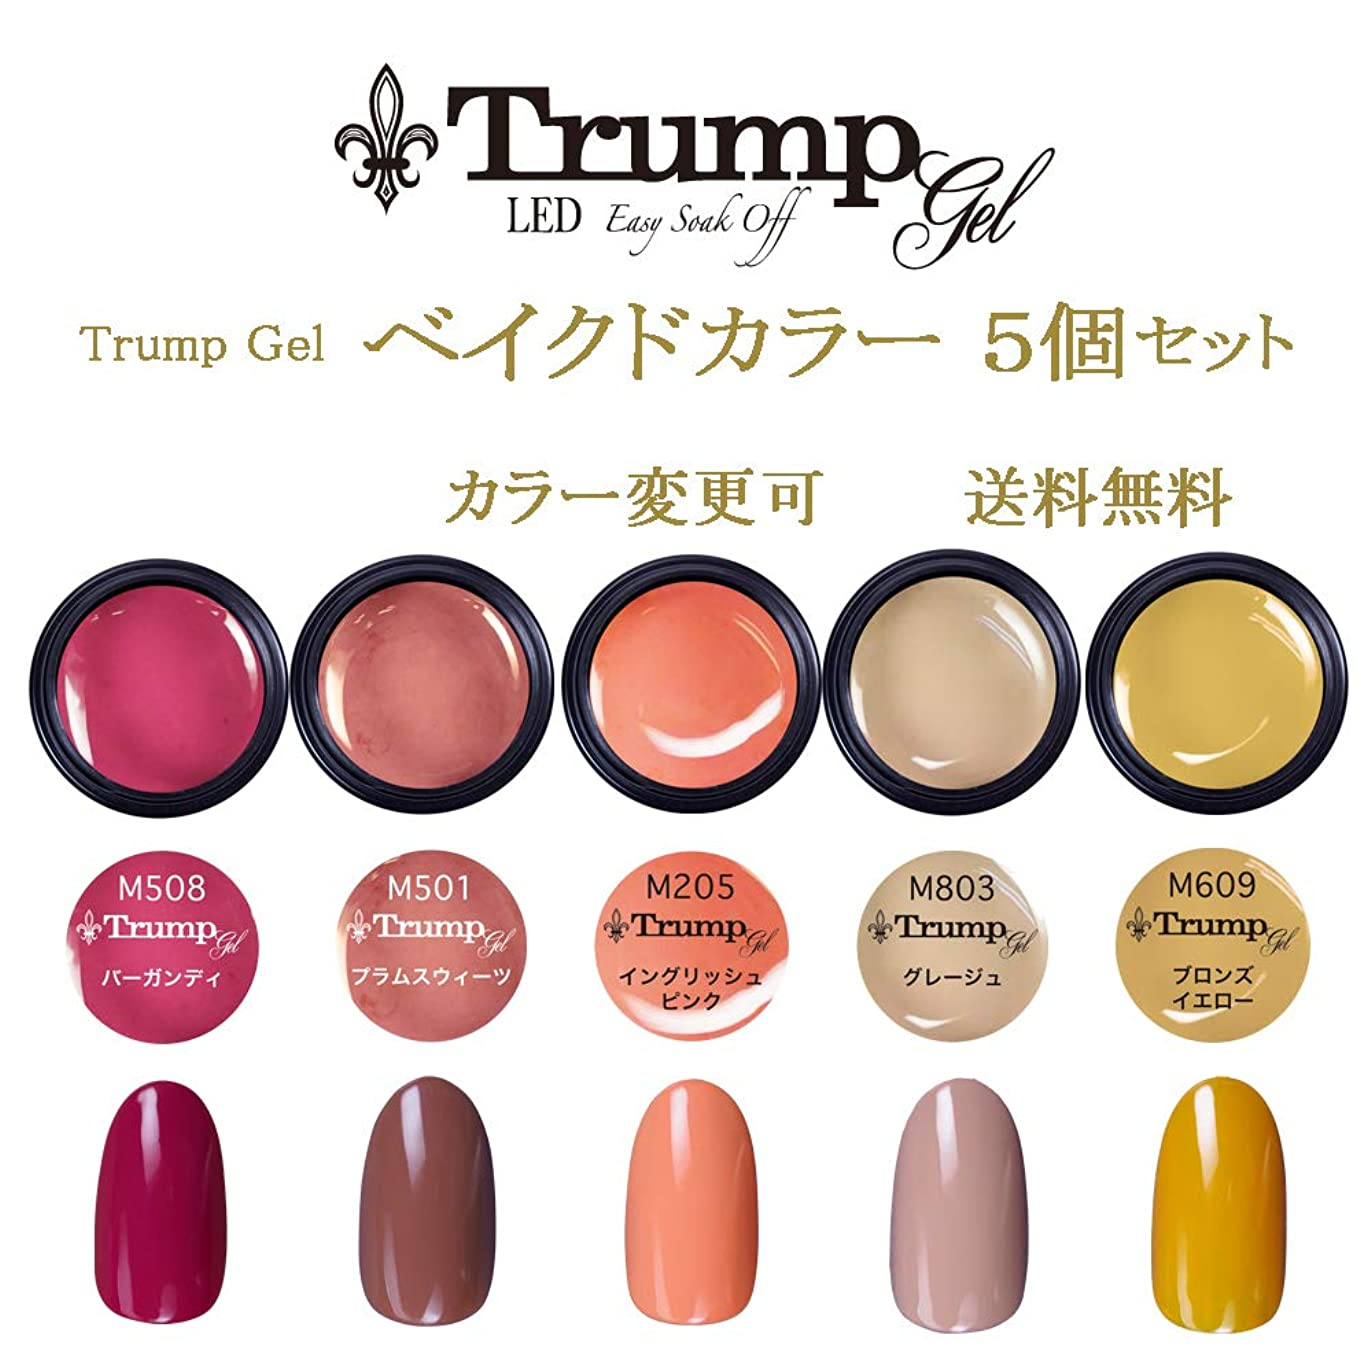 ホールドオール威する解決する【送料無料】日本製 Trump gel トランプジェル ベイクドカラー 選べる カラージェル 5個セット ミルキーネイル ベージュ オレンジ カラー